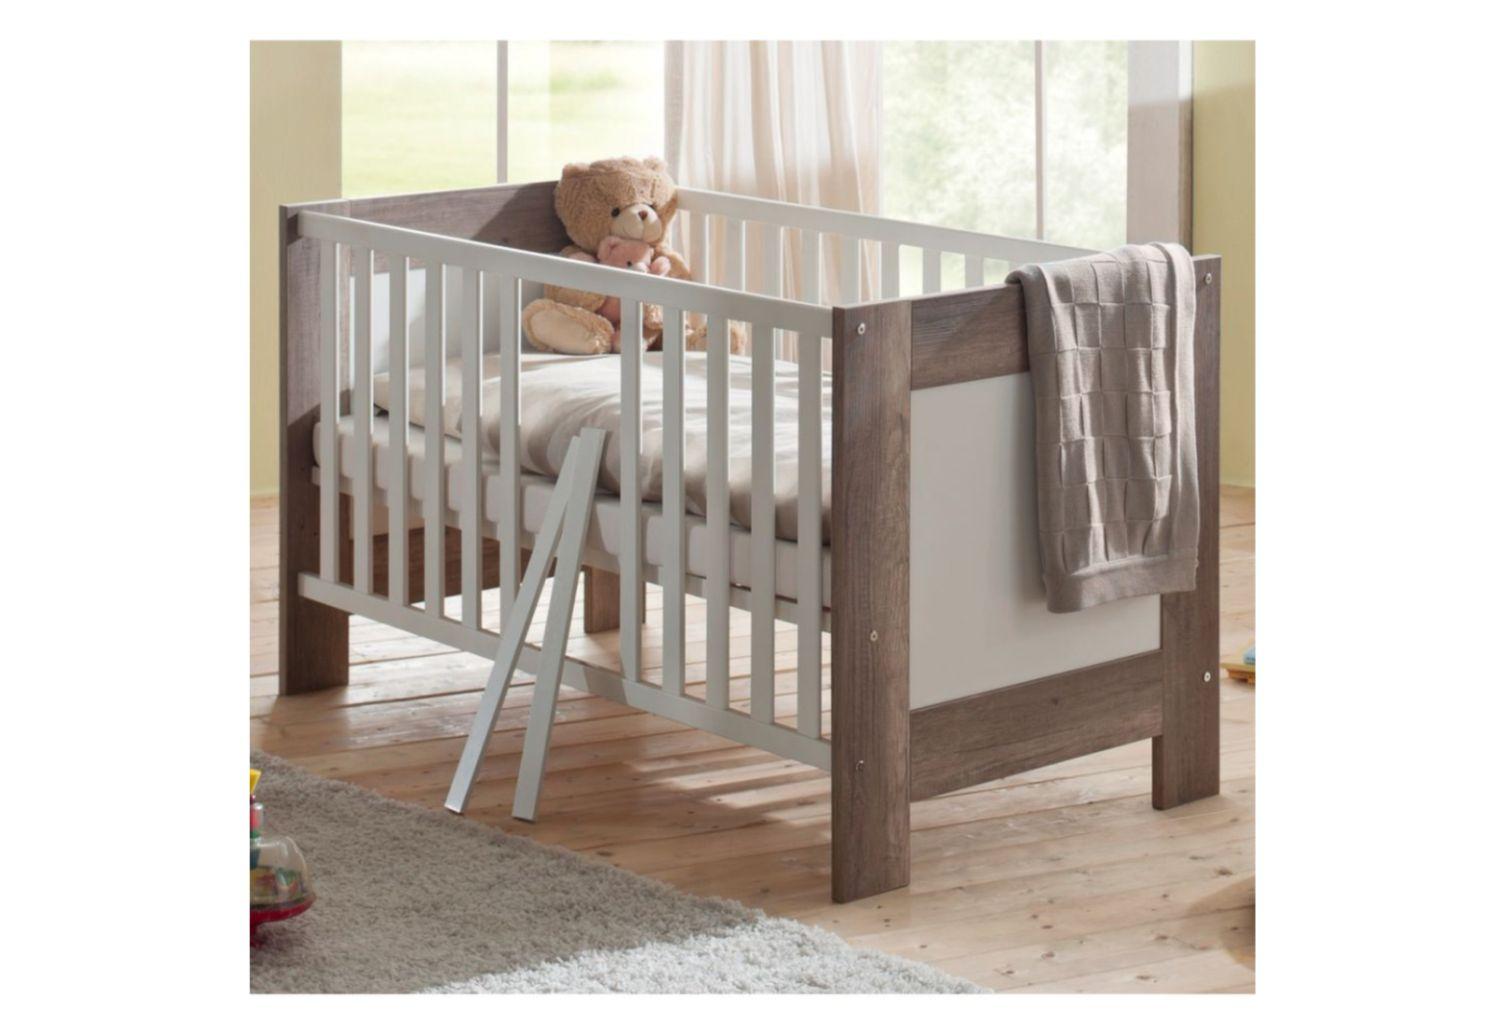 Babyzimmerset Bella wildeiche trüffel / weiss matt Set 1 4 tlg.